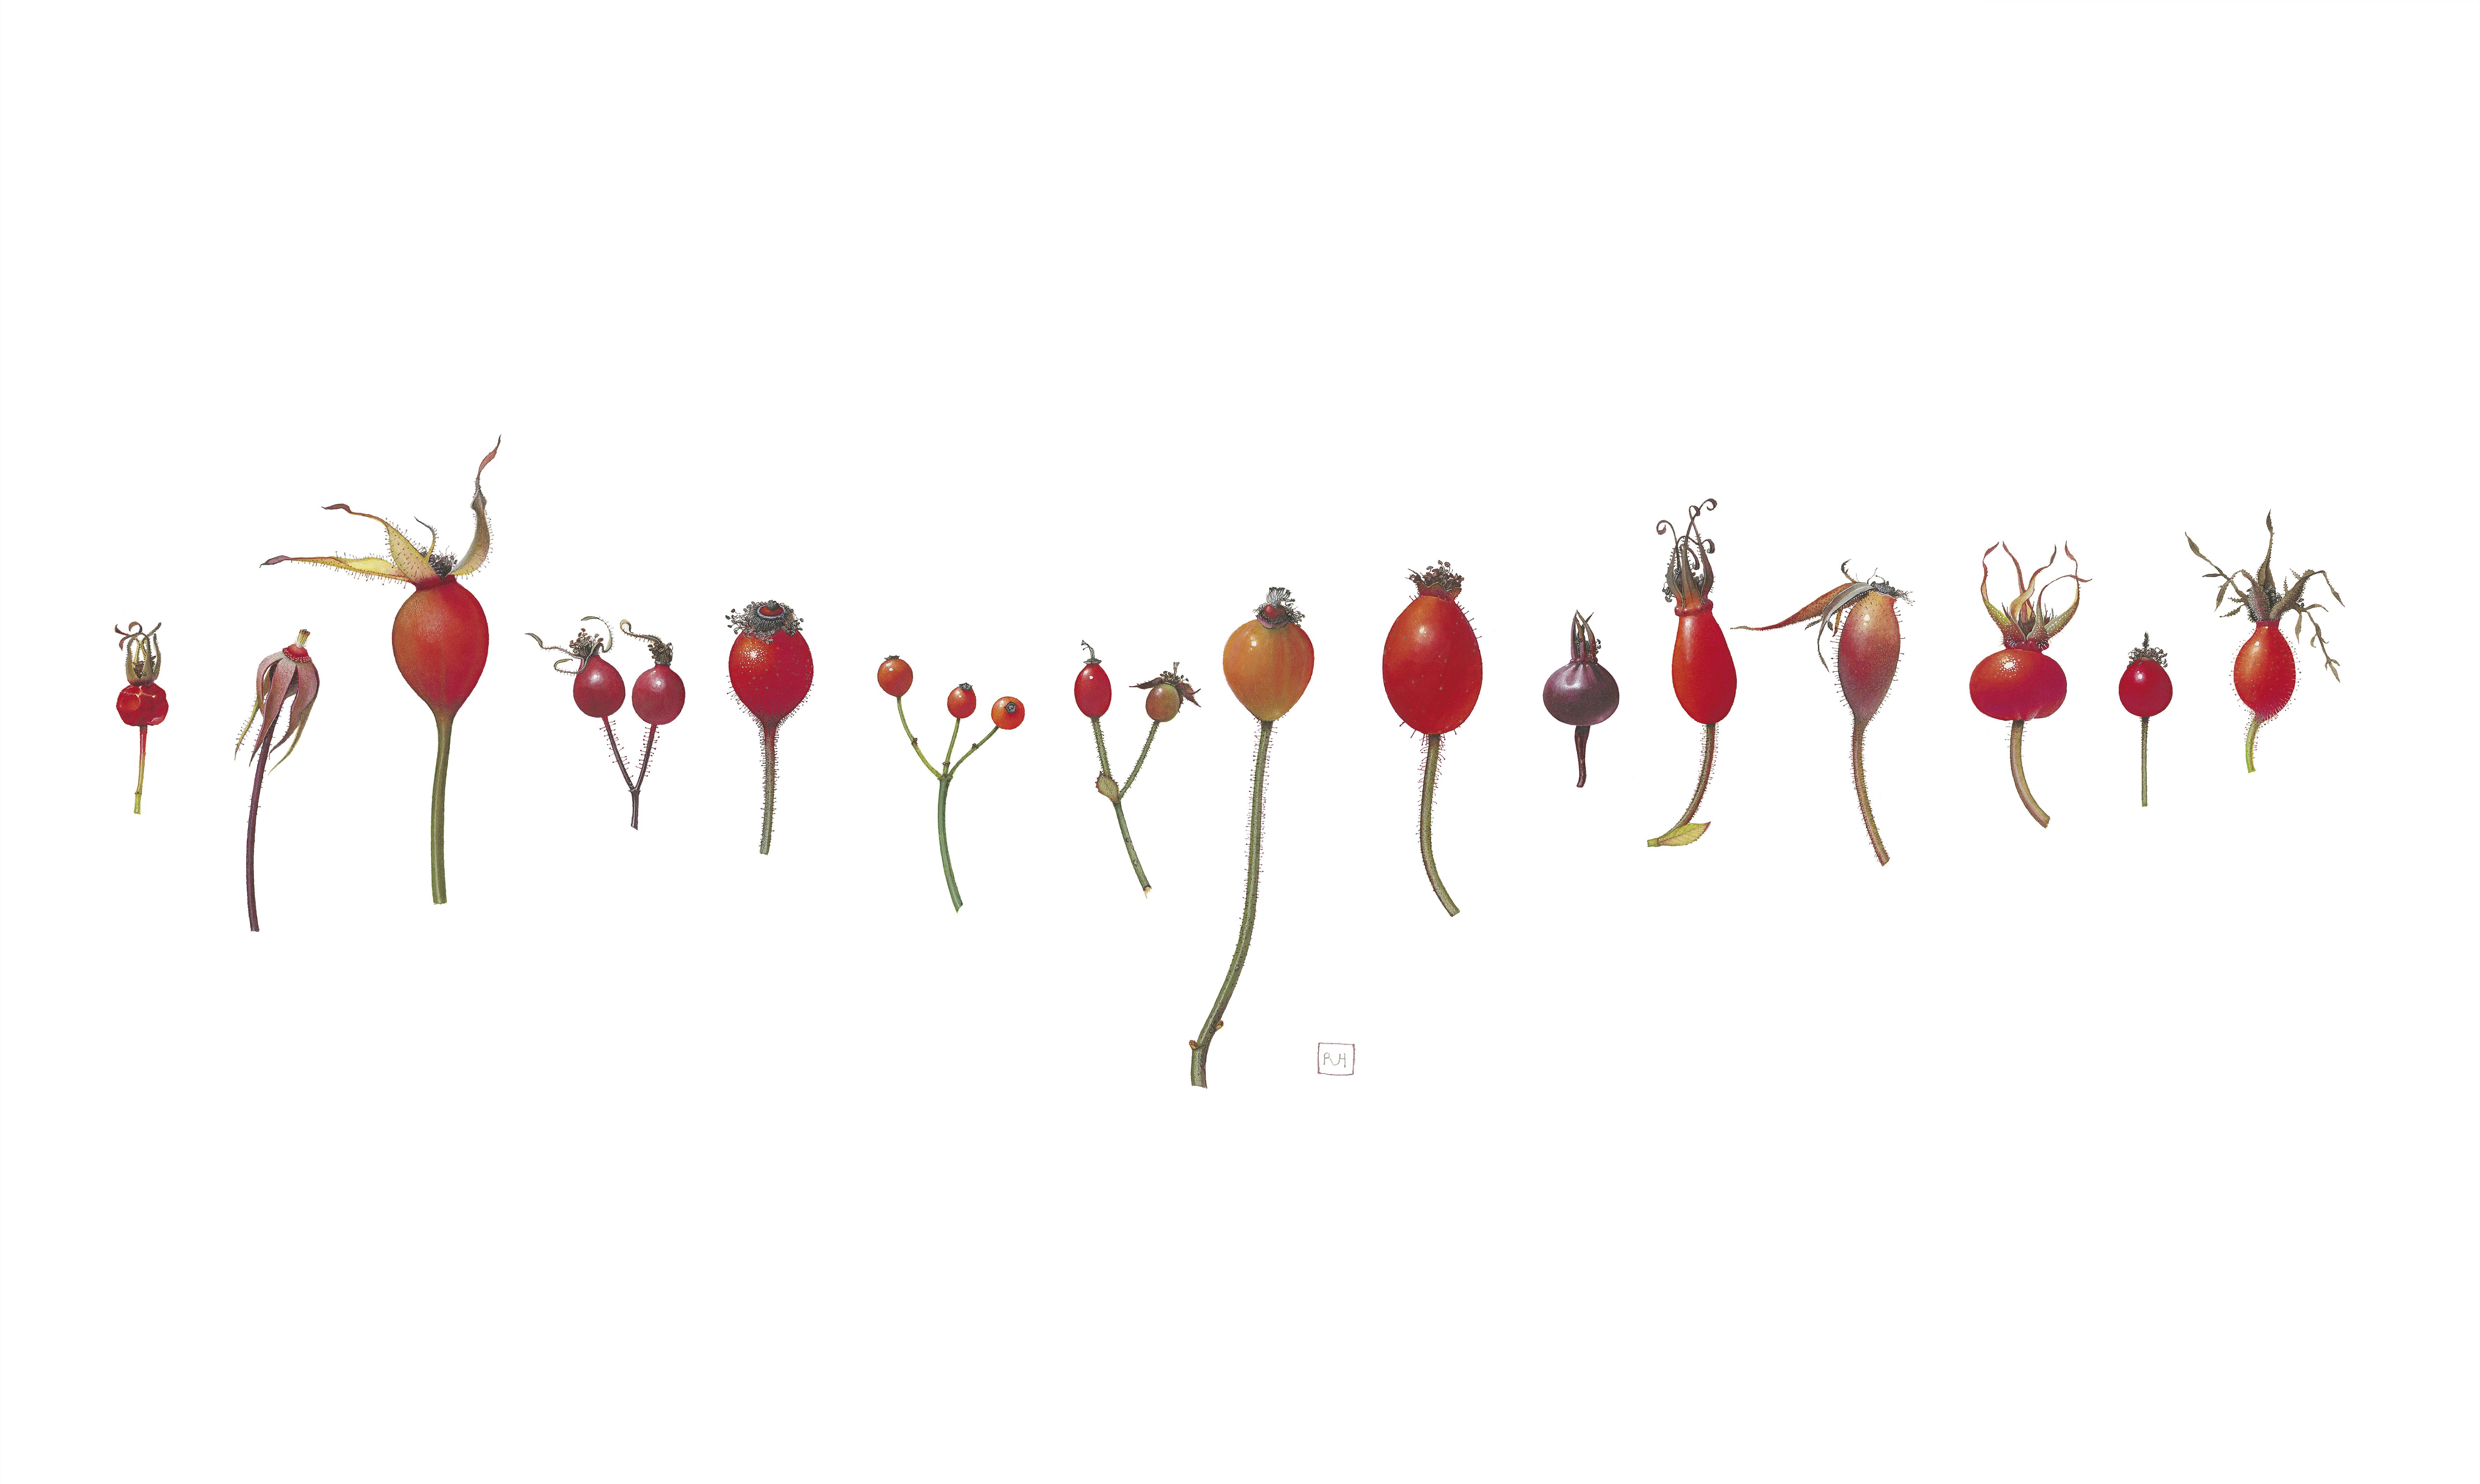 14. Roses I